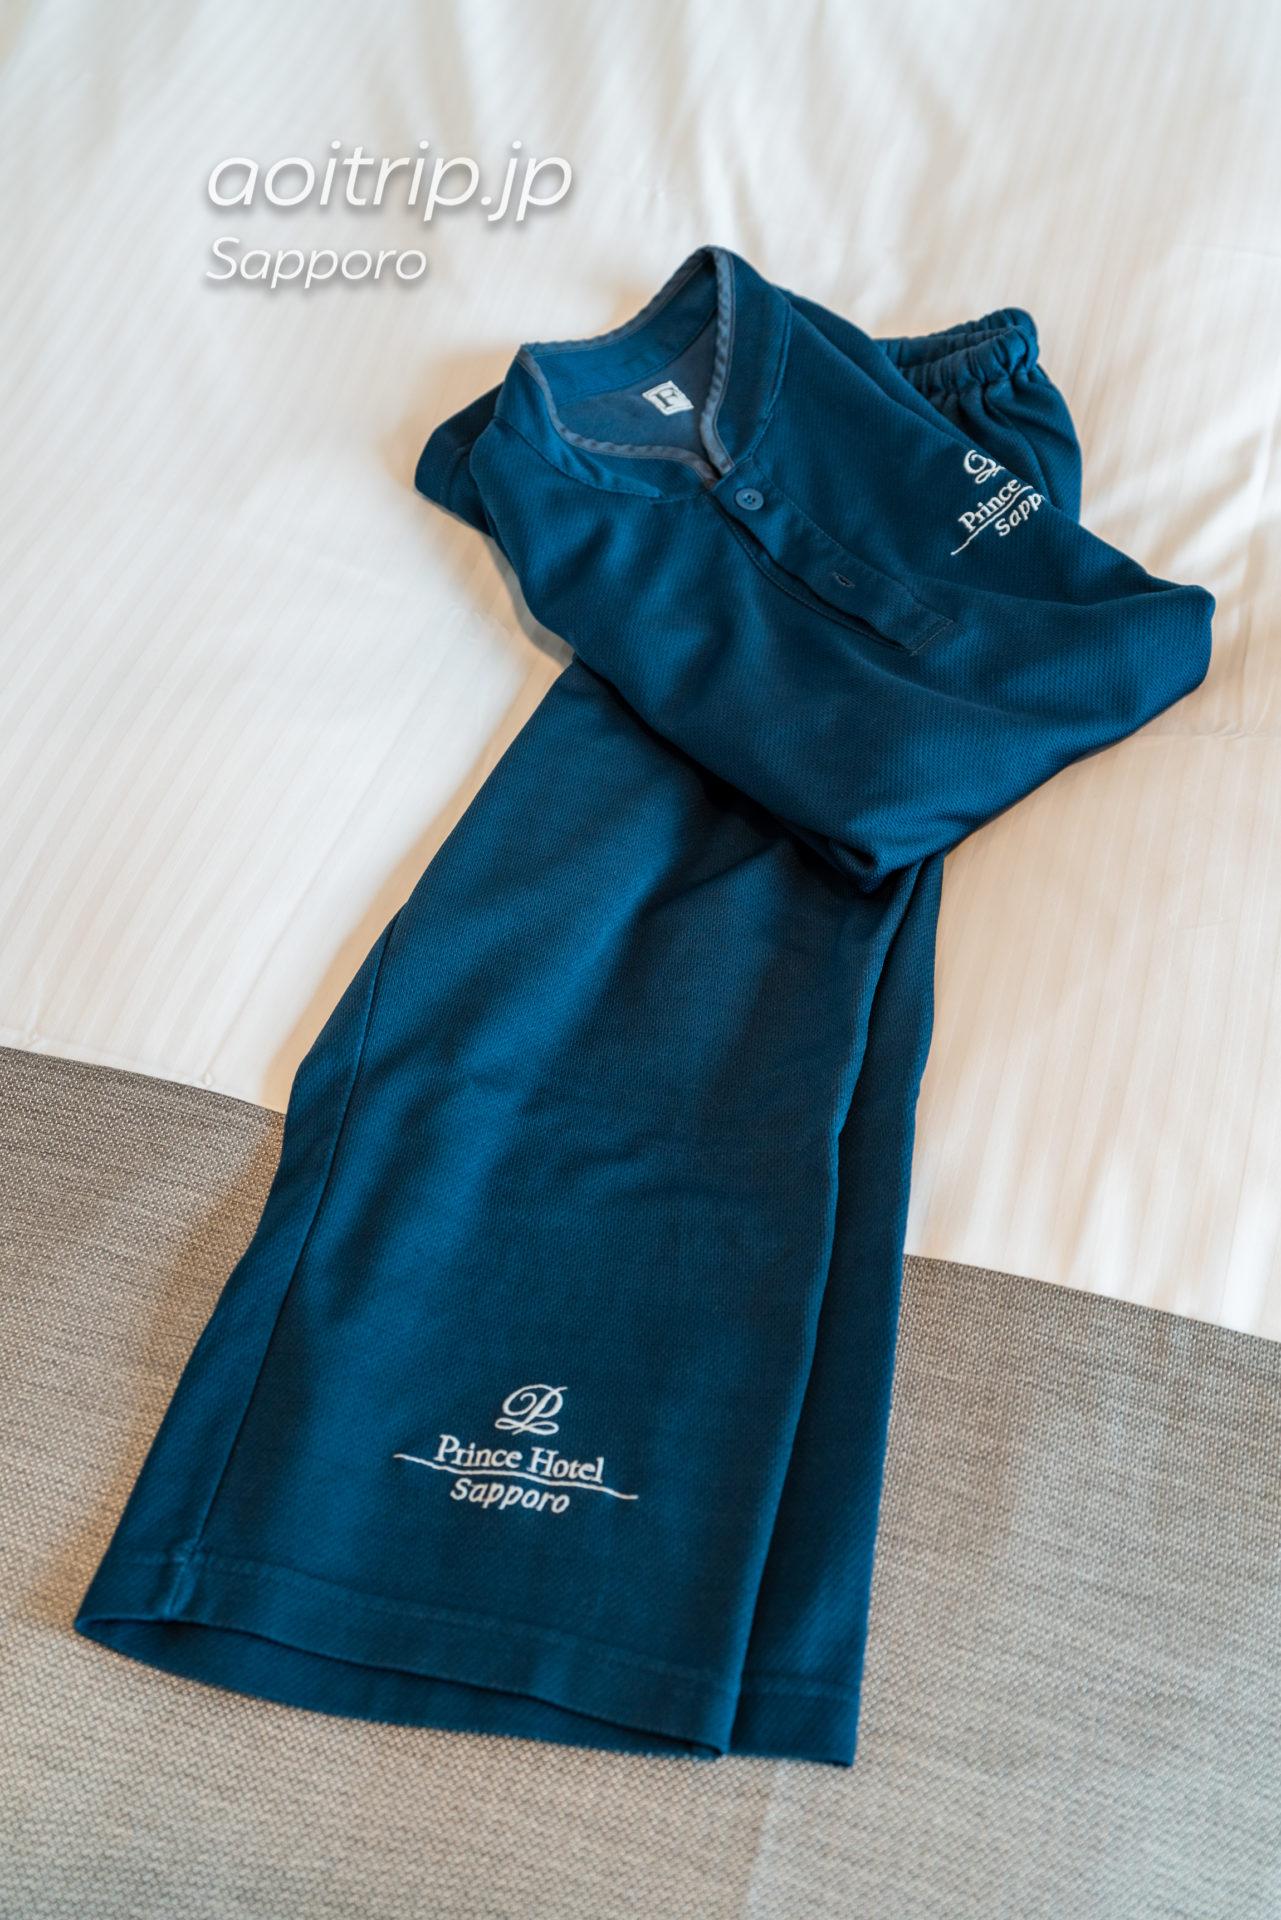 札幌プリンスホテルの部屋着(パジャマ)